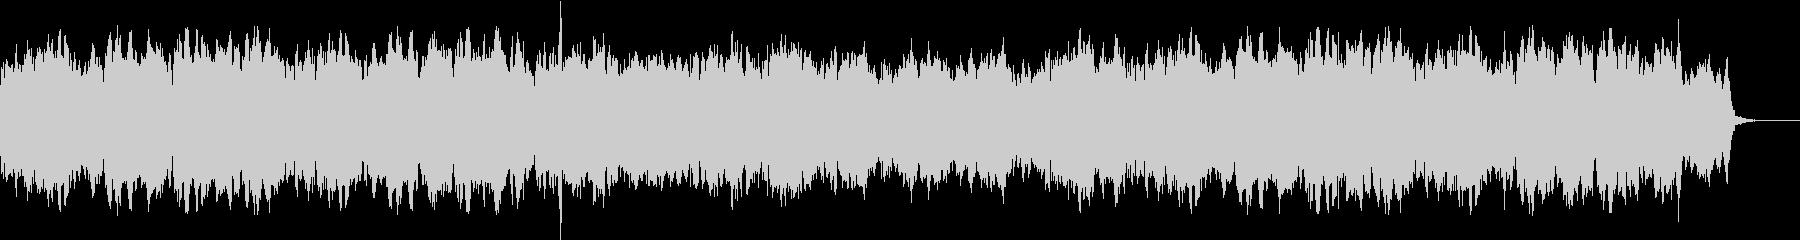 感動的な場面に合う弦楽四重奏の未再生の波形